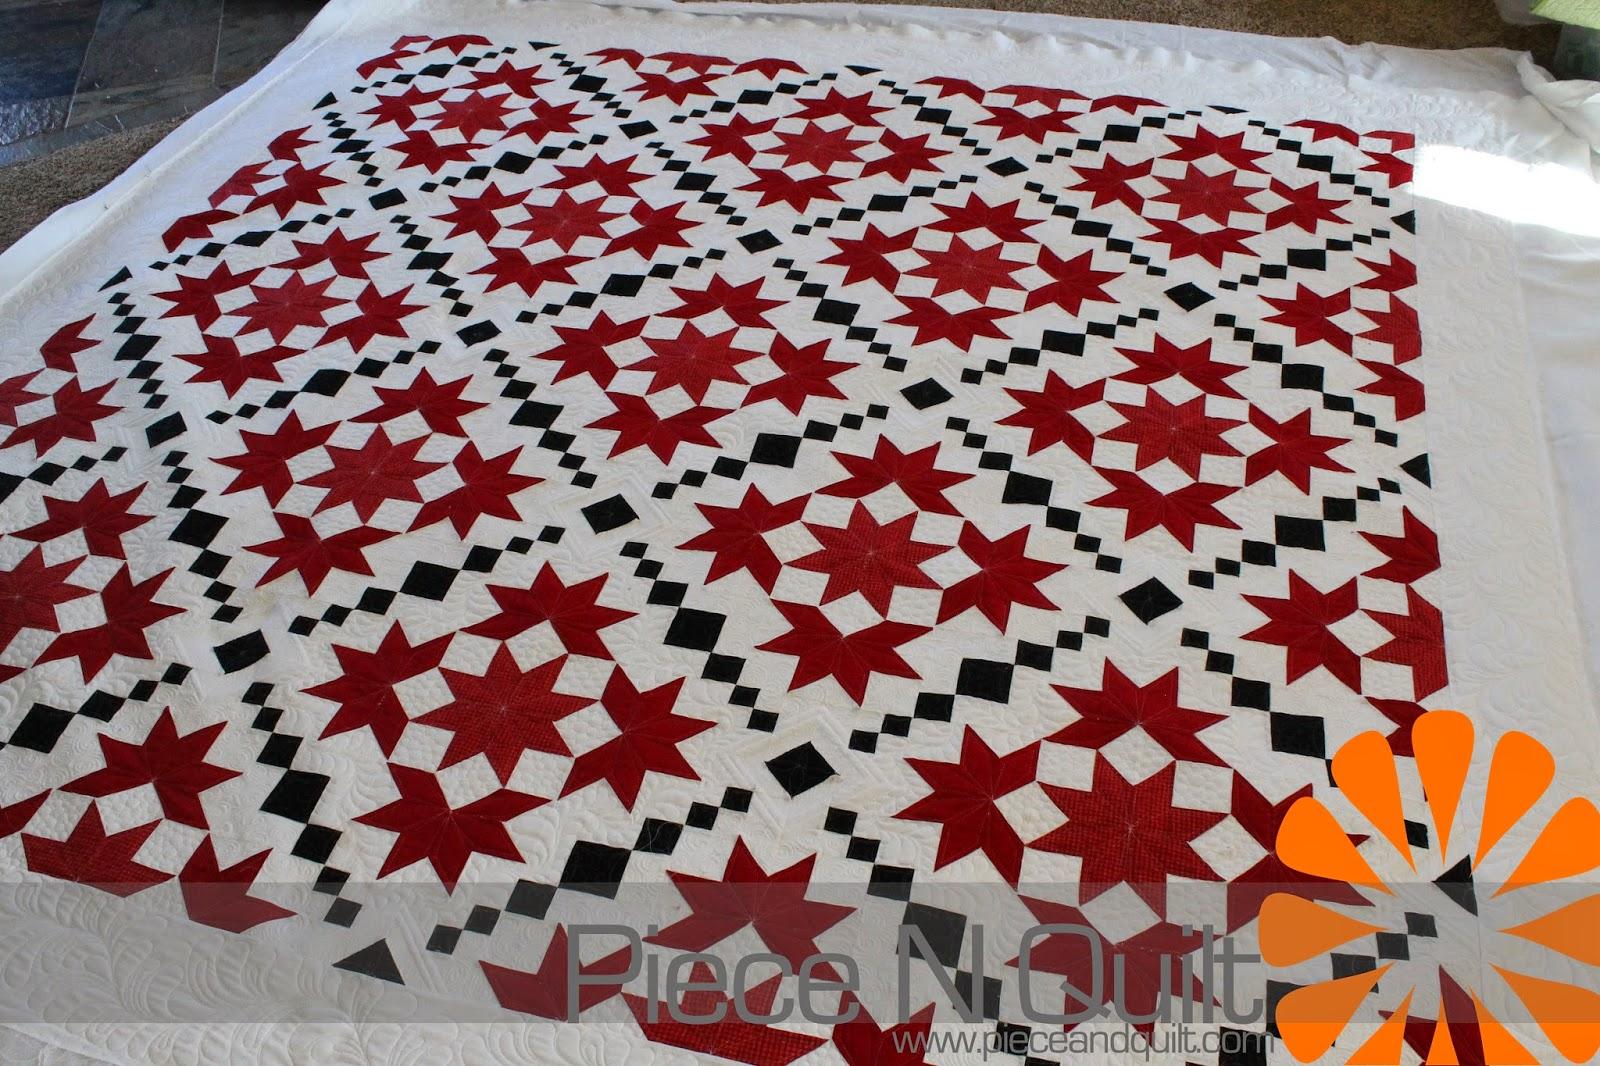 Piece N Quilt Custom Machine Quilting Red White